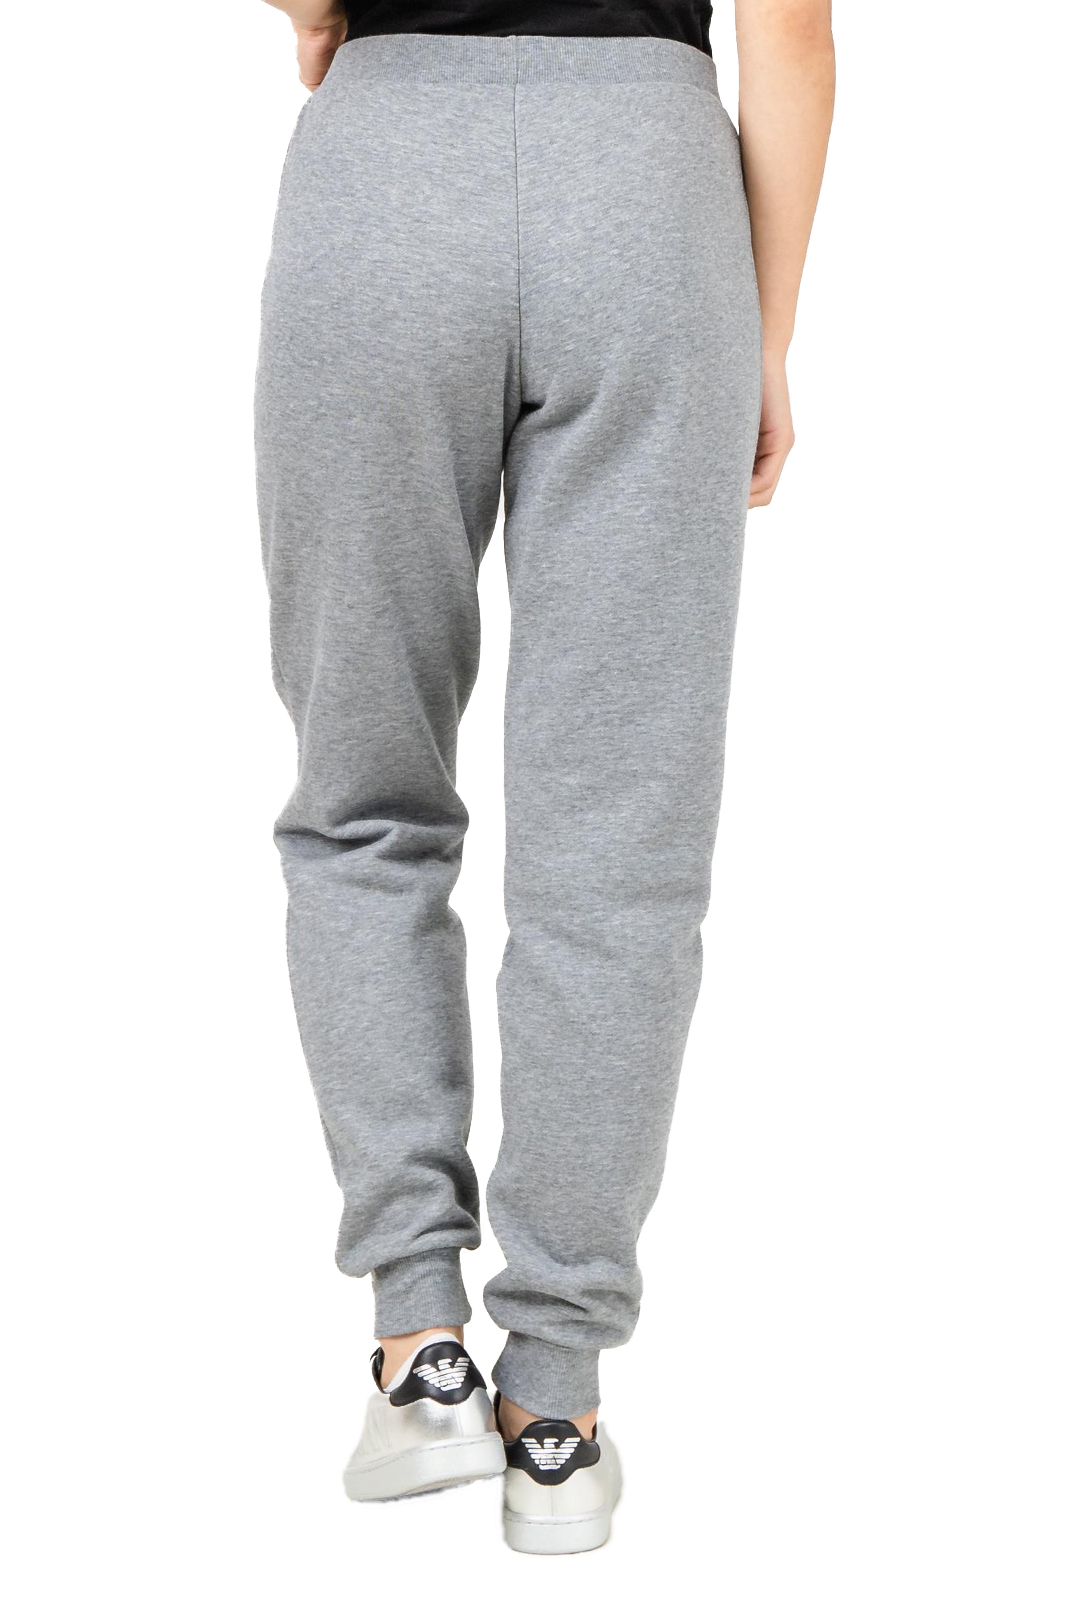 Pantalons  Emporio armani 163774 9A250 6749